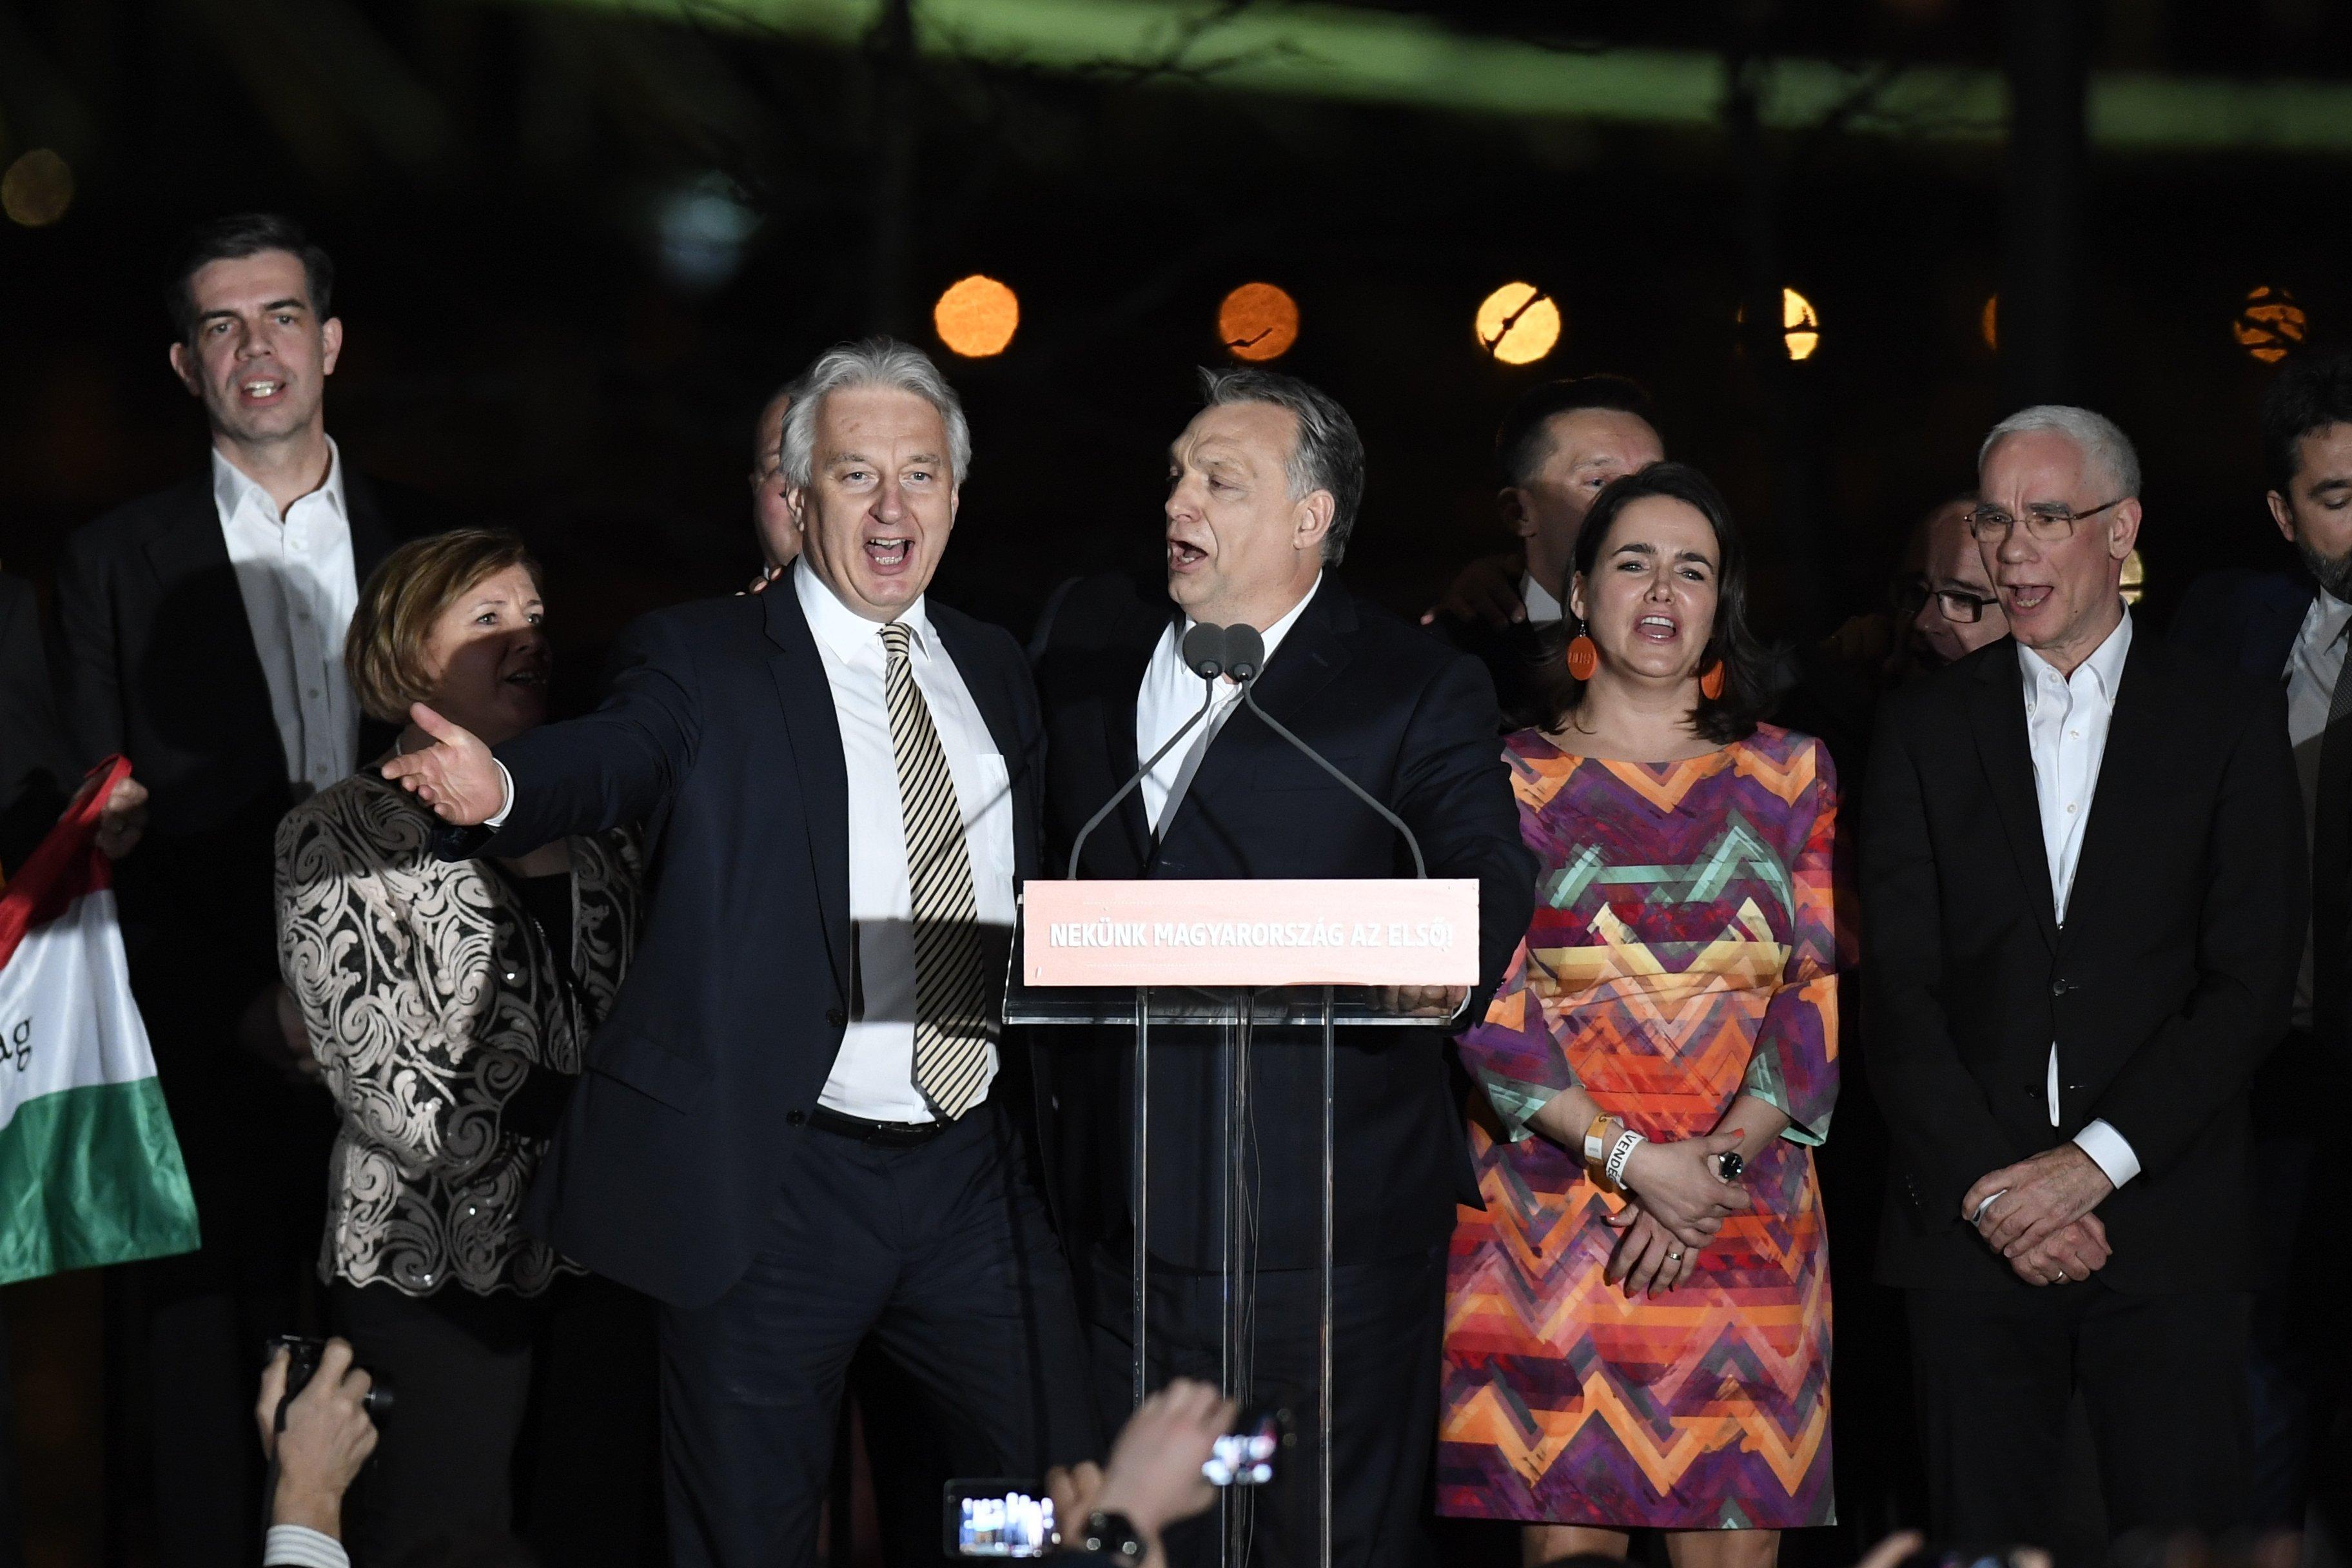 Erneuter Sieg von Orbáns Fidesz: sogar eine Zweidrittelmehrheit möglich post's picture